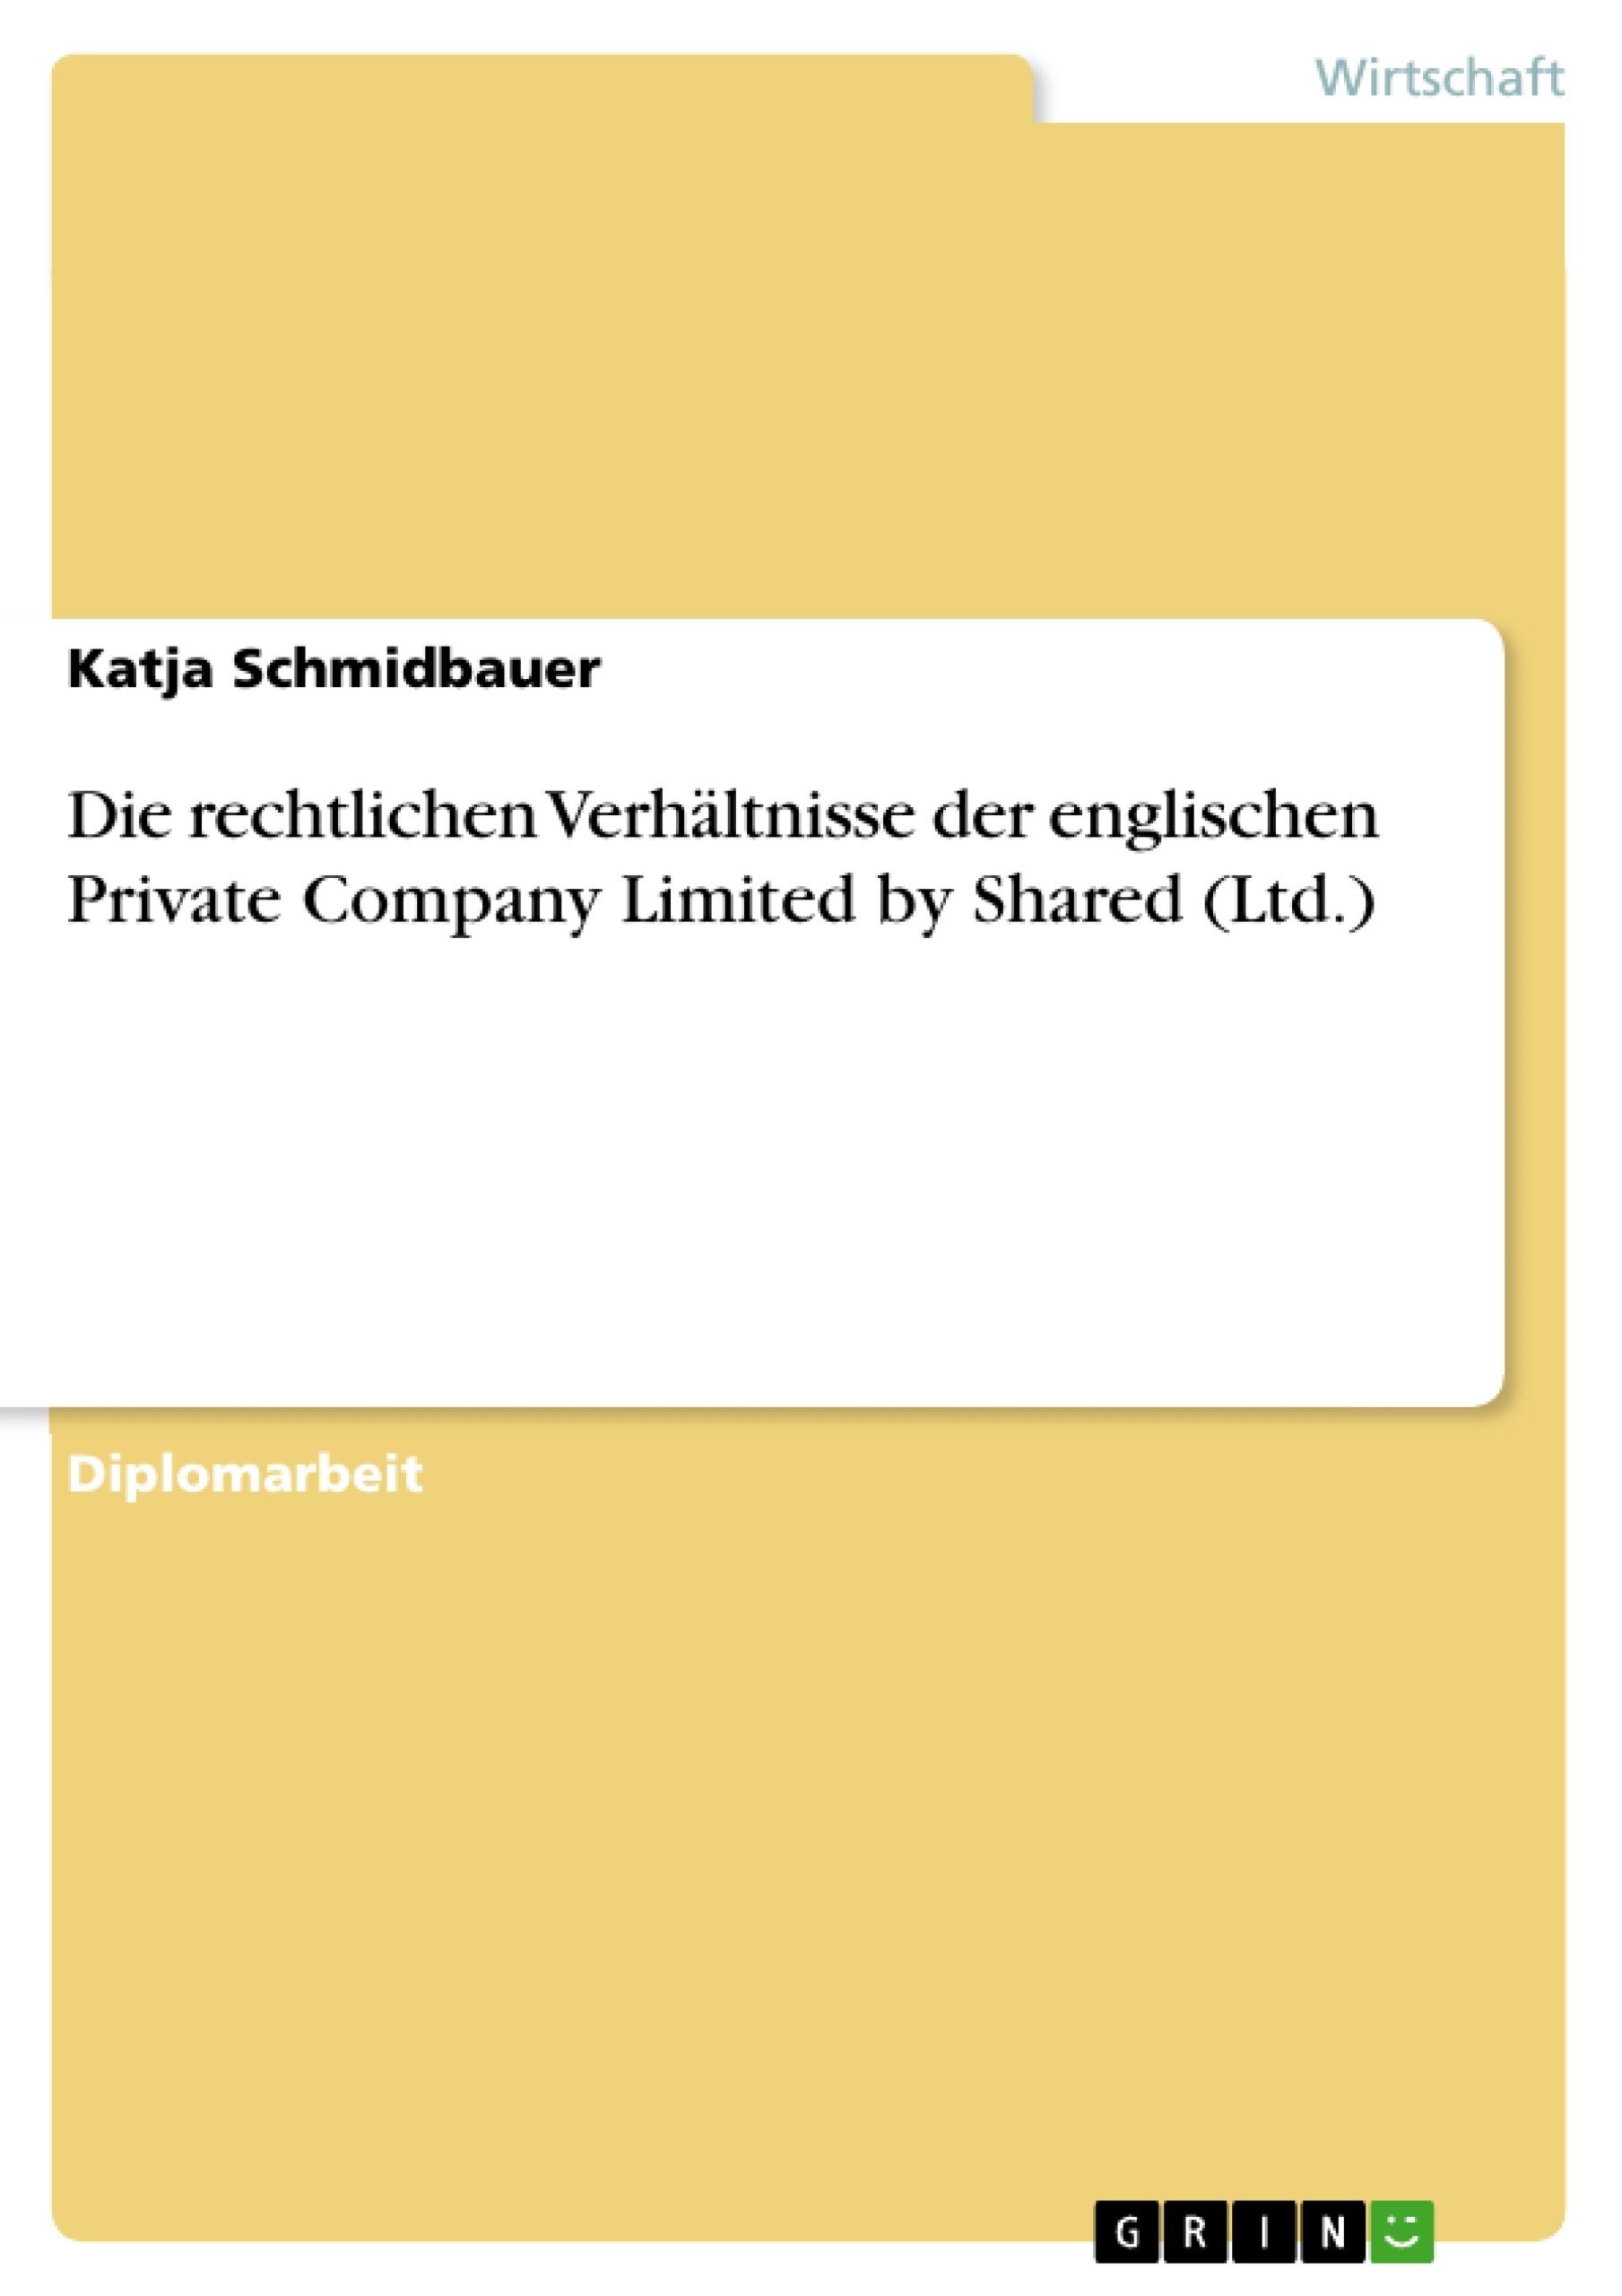 Titel: Die rechtlichen Verhältnisse der englischen Private Company Limited by Shared (Ltd.)